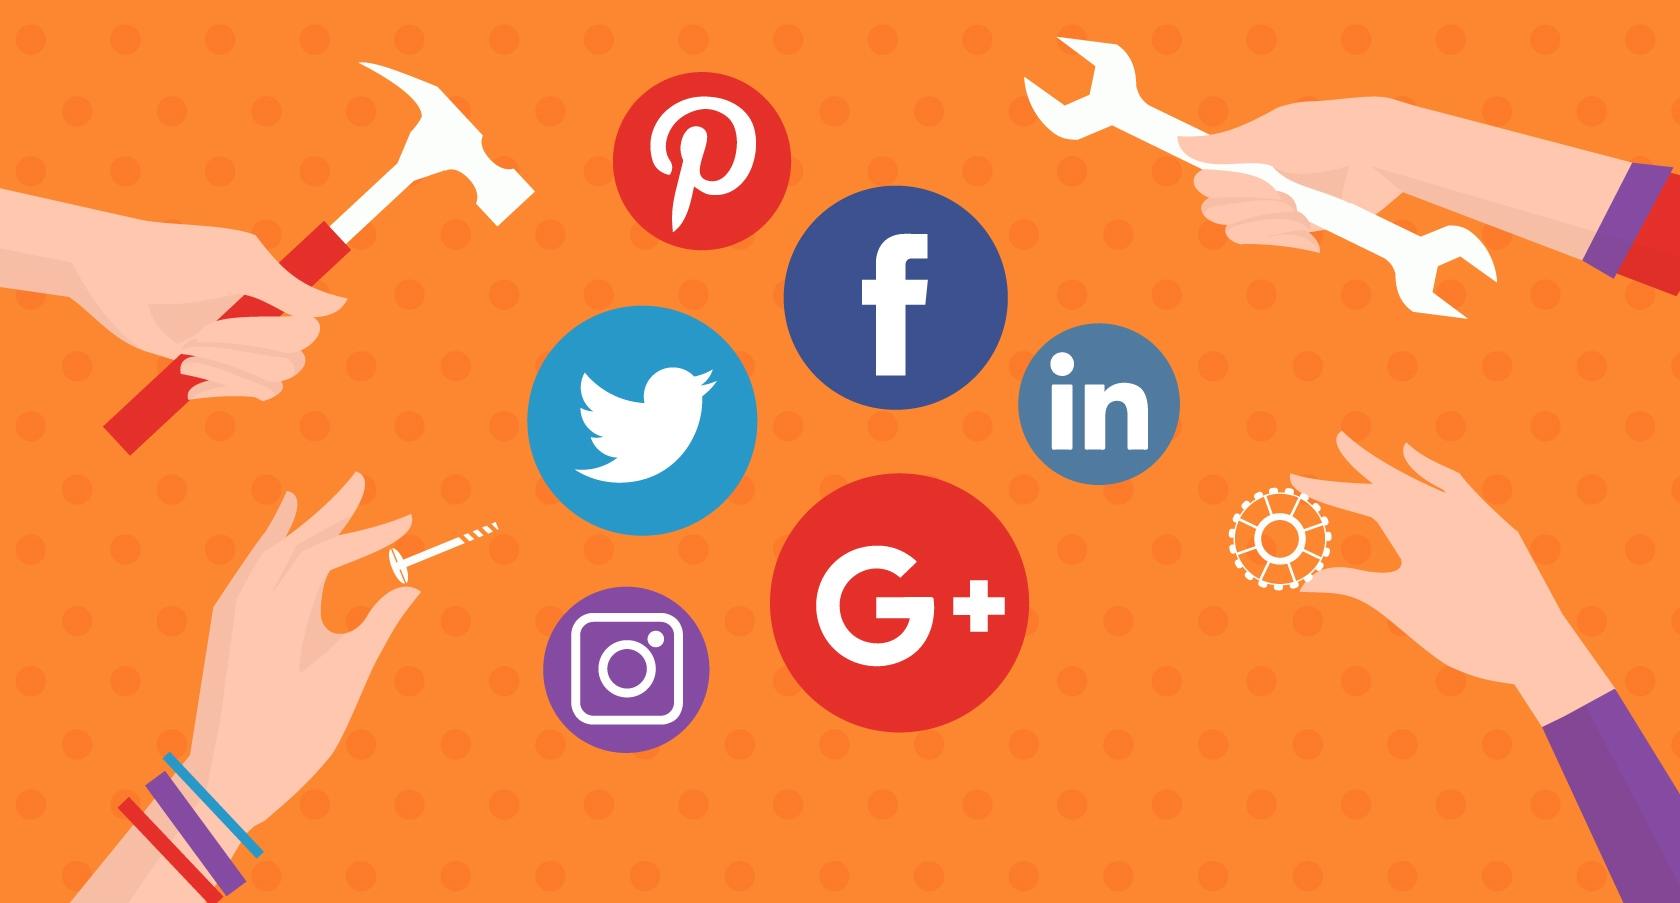 социальные сети - инструмент раскрутки и популяризации